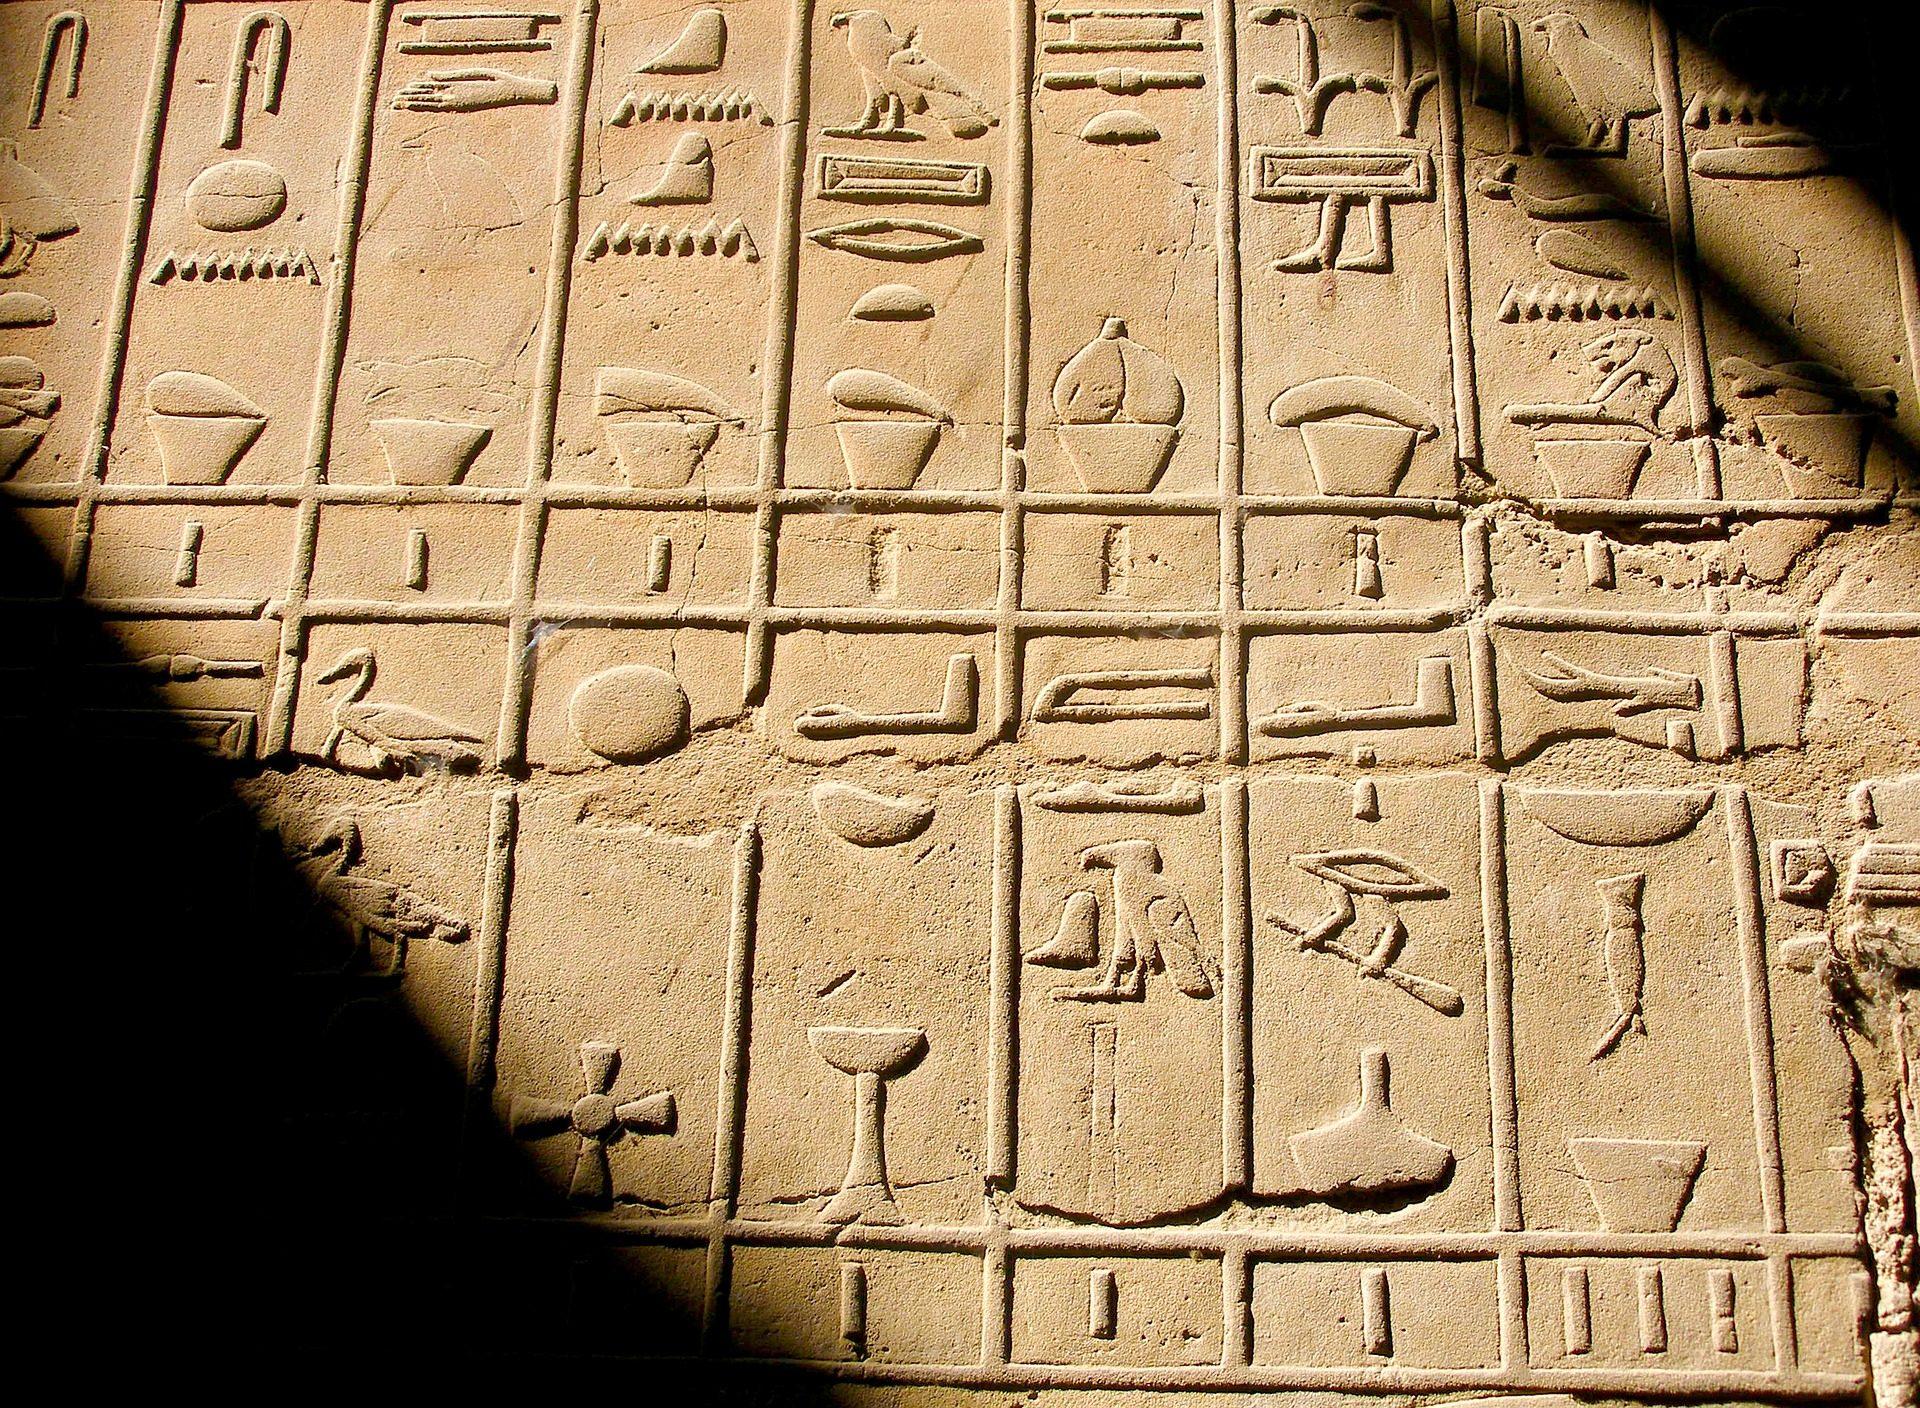 ιερογλυφικά, γραφής, Αιγυπτιακή, Τοίχου, Πέτρα, αντίκα - Wallpapers HD - Professor-falken.com